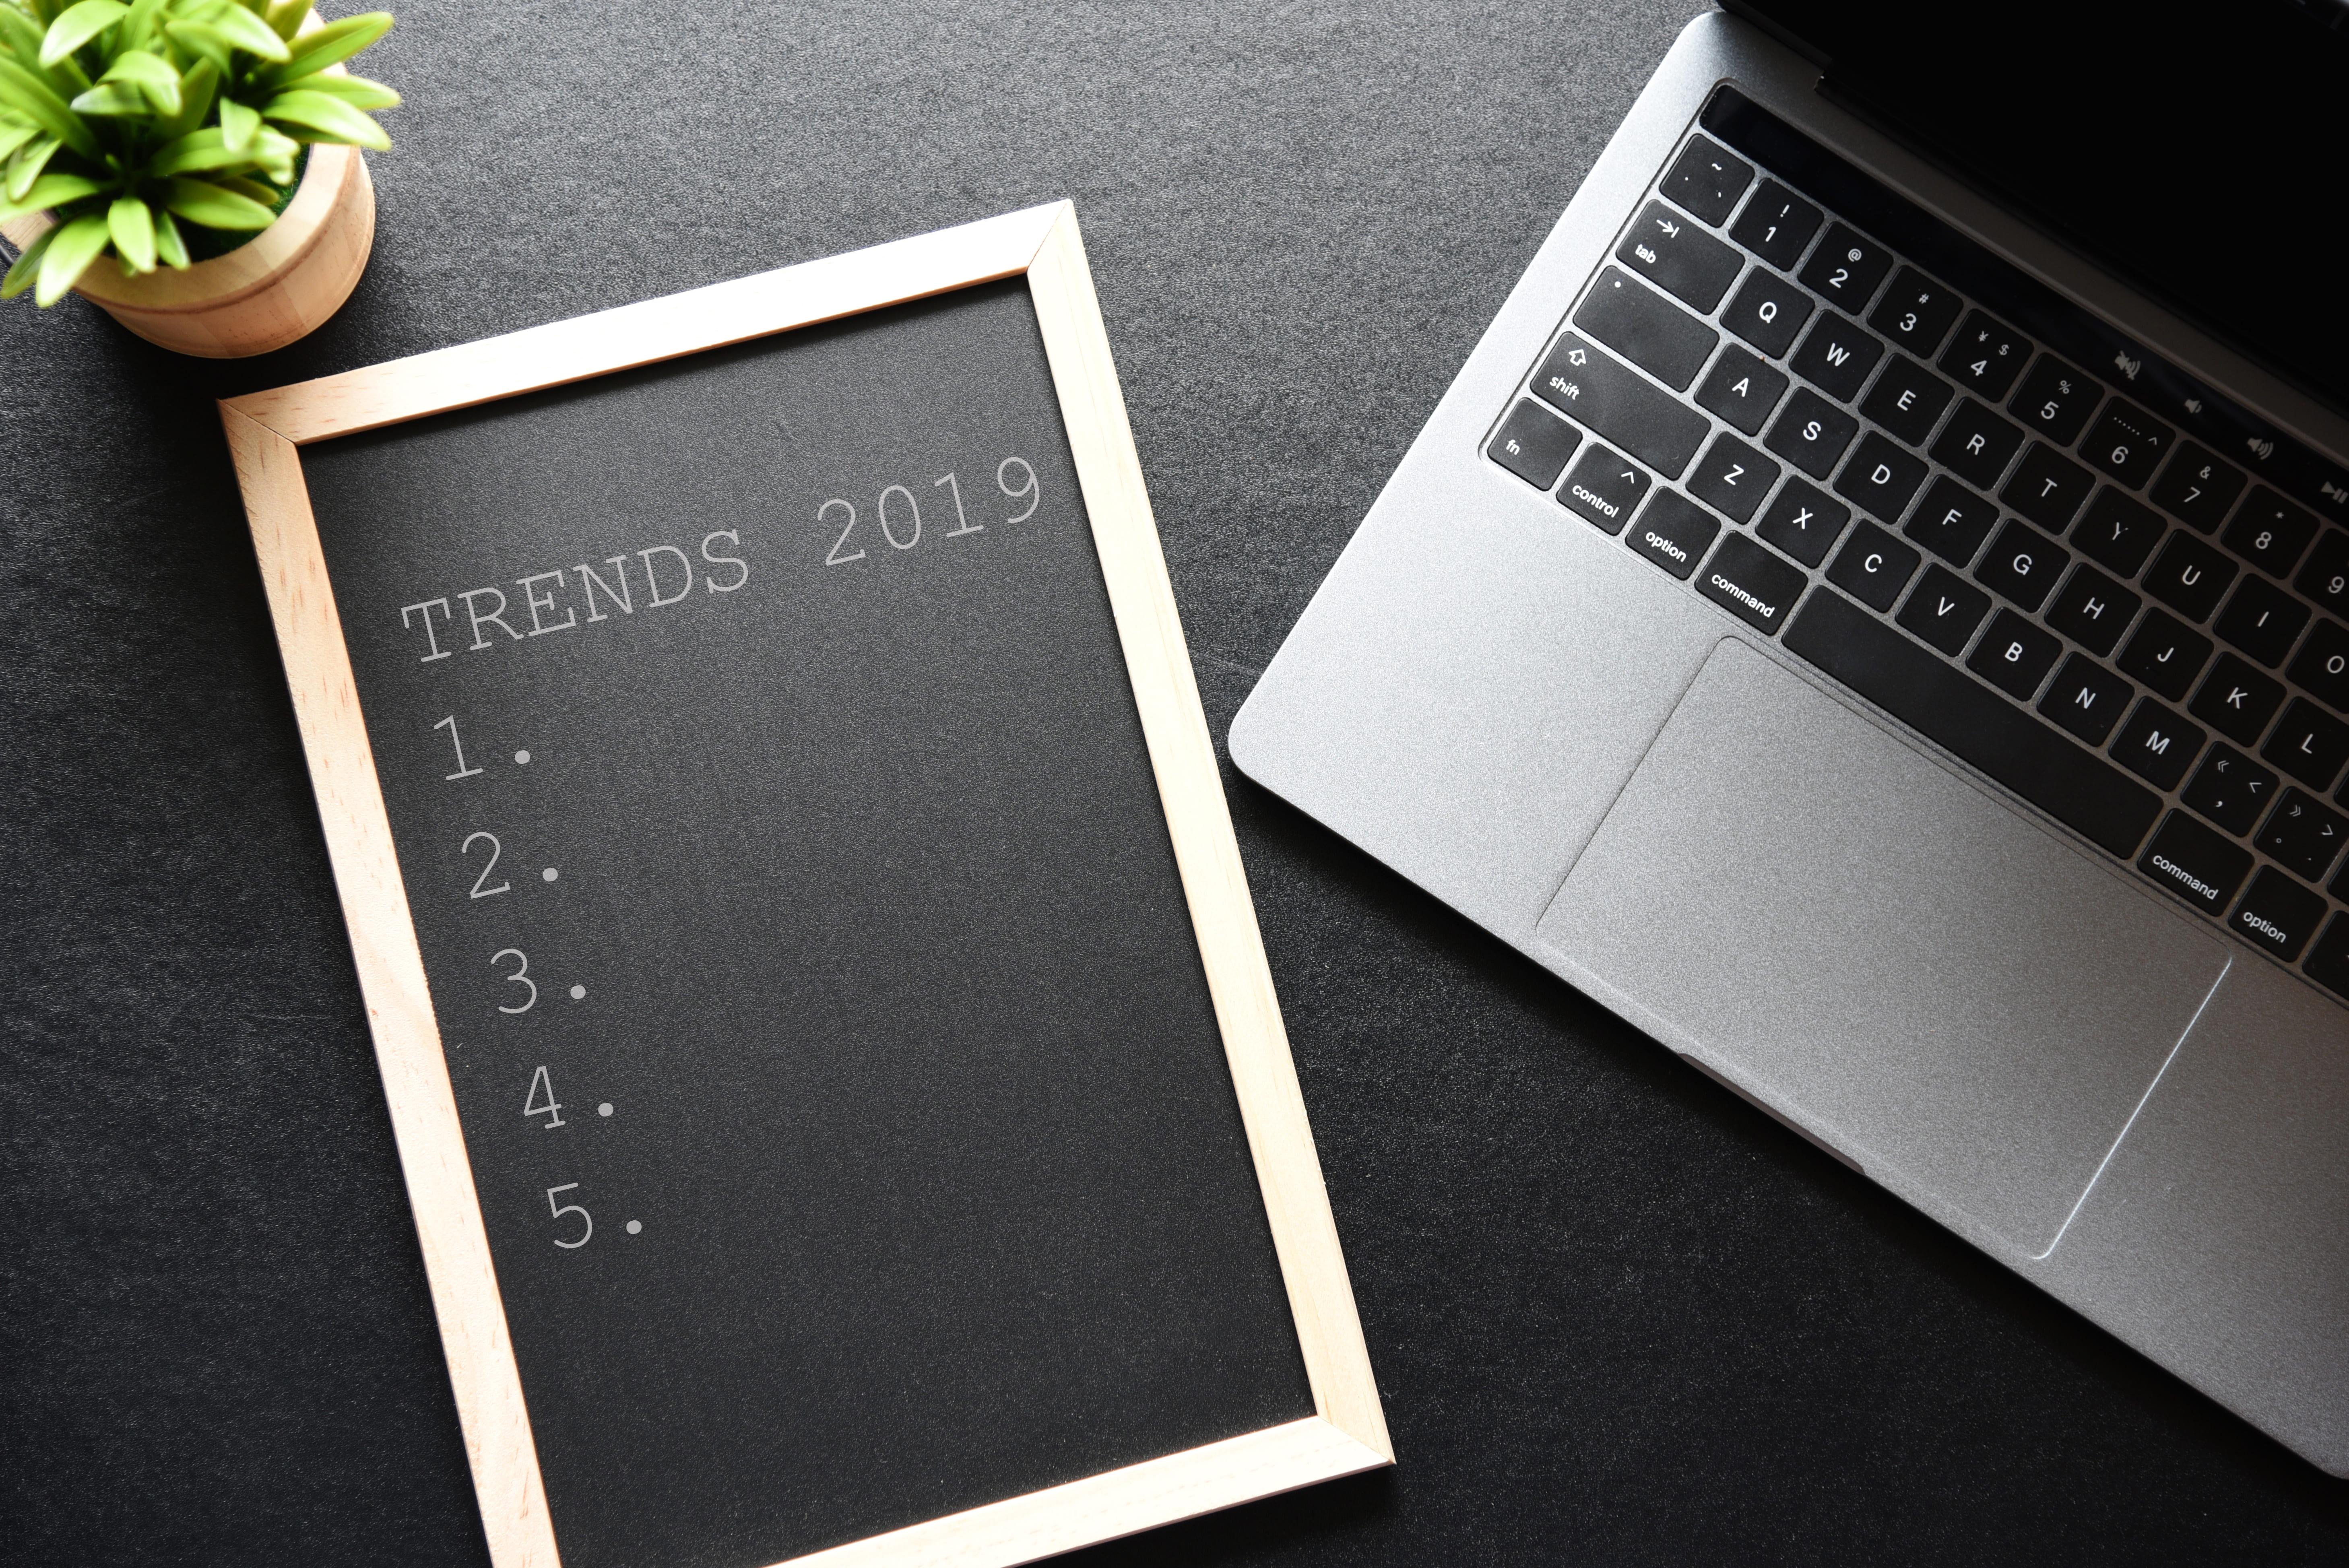 Imagem de uma lousa que está escrito as tendências de Marketing Digital em 2019